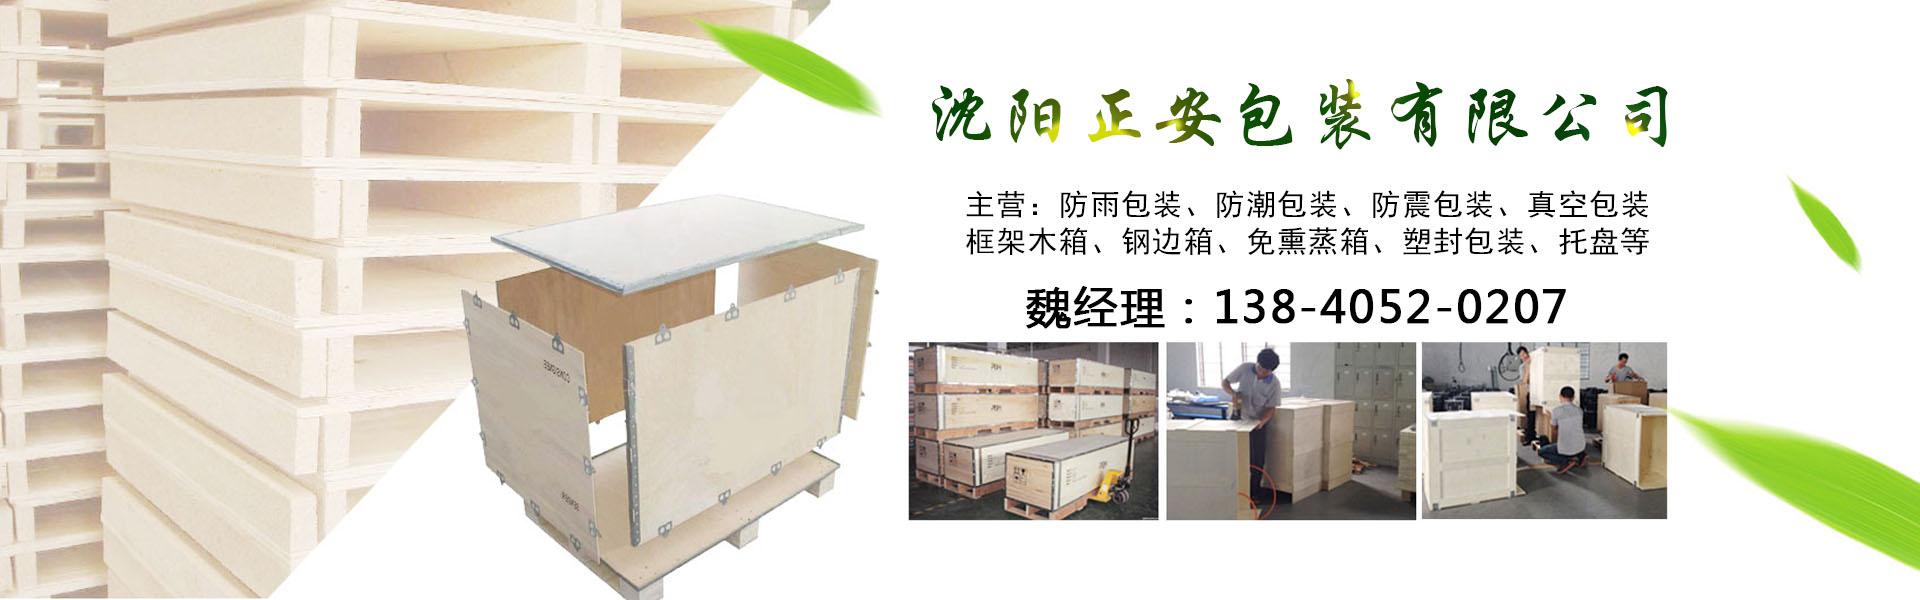 沈阳木箱包装 沈阳免熏蒸包装箱 沈阳木制包装箱 沈阳钢边箱